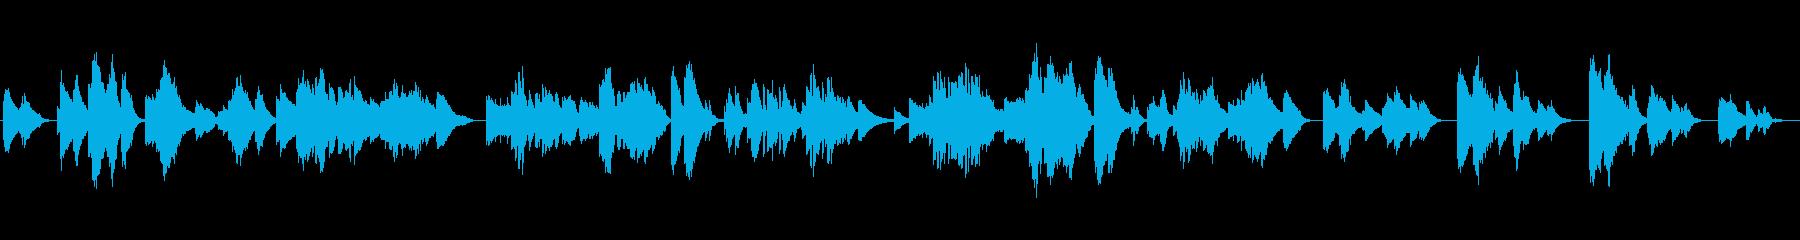 感動的なクラシックピアノの再生済みの波形